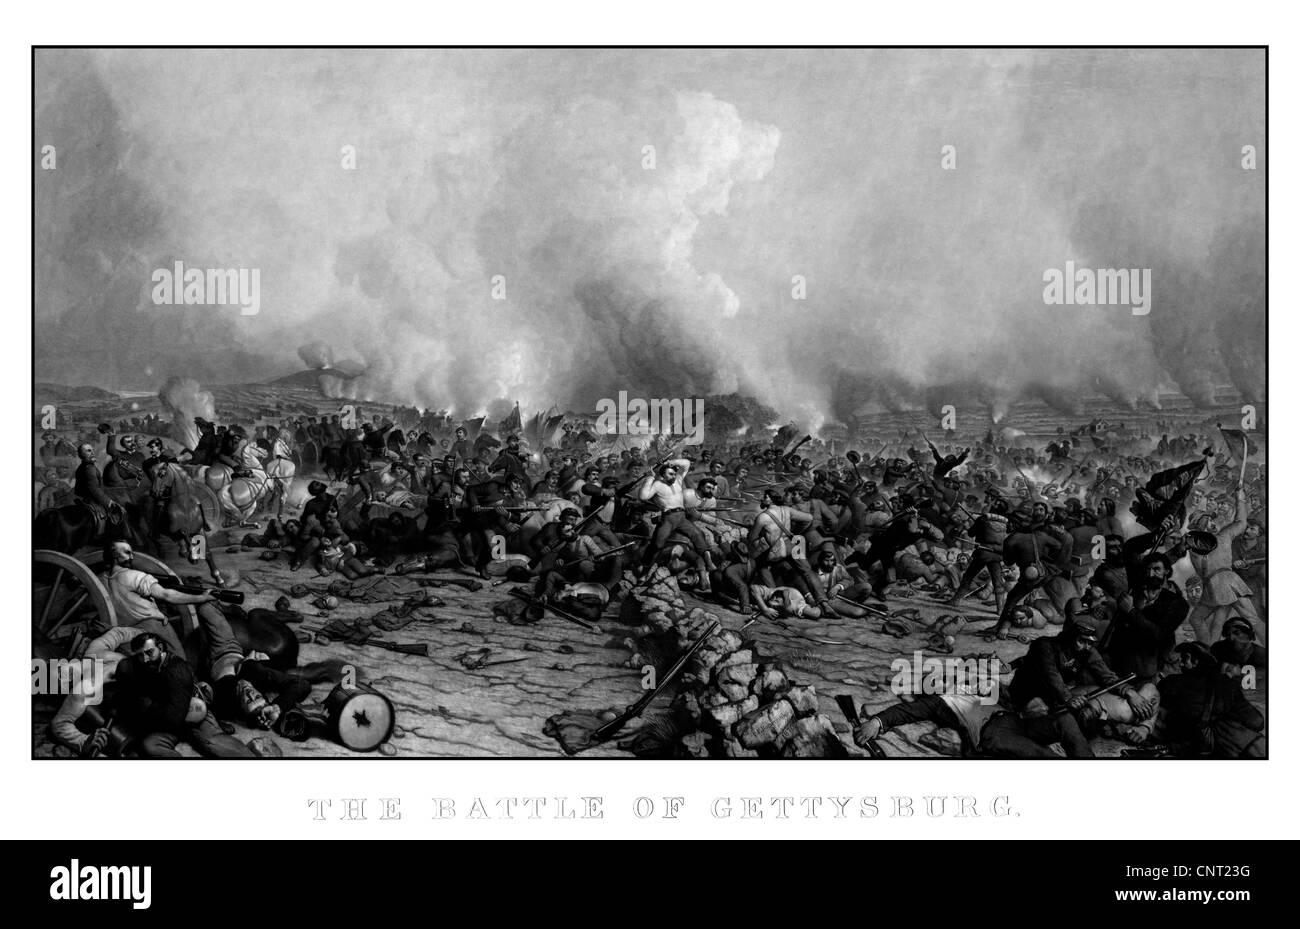 Digital restaurierte Oldtimer Bürgerkrieg Print von der Schlacht von Gettysburg. Stockbild